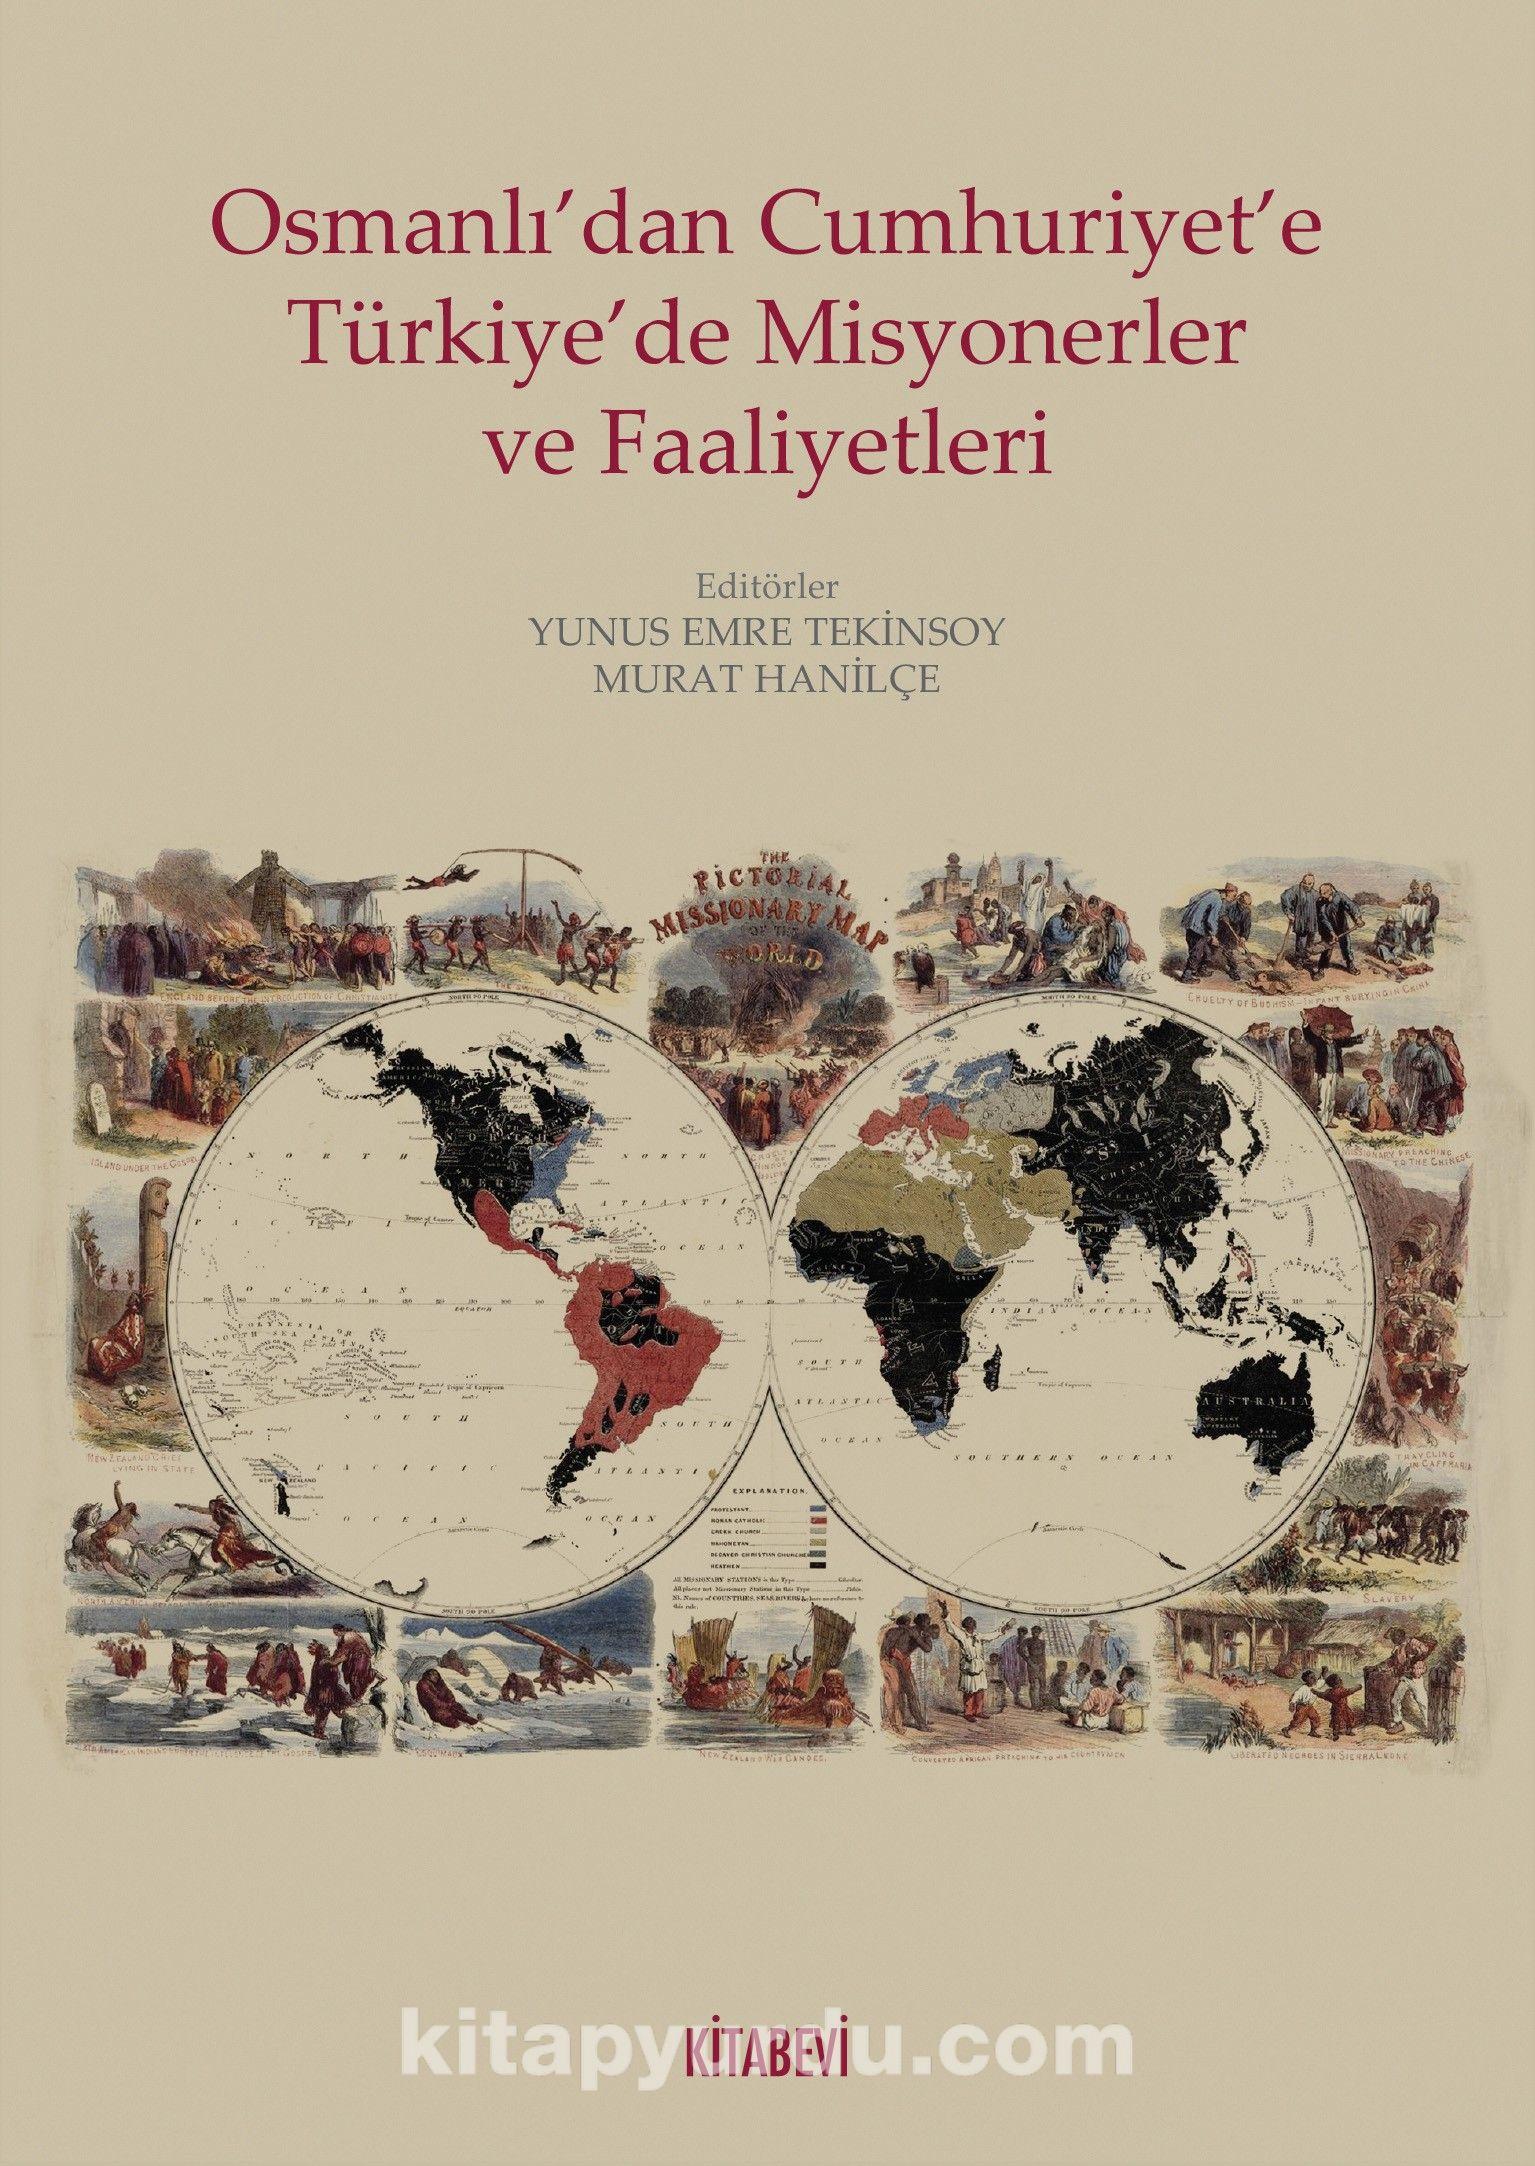 Osmanlı'dan Cumhuriyet'e Türkiye'de Misyonerler ve Faaliyetleri -  pdf epub